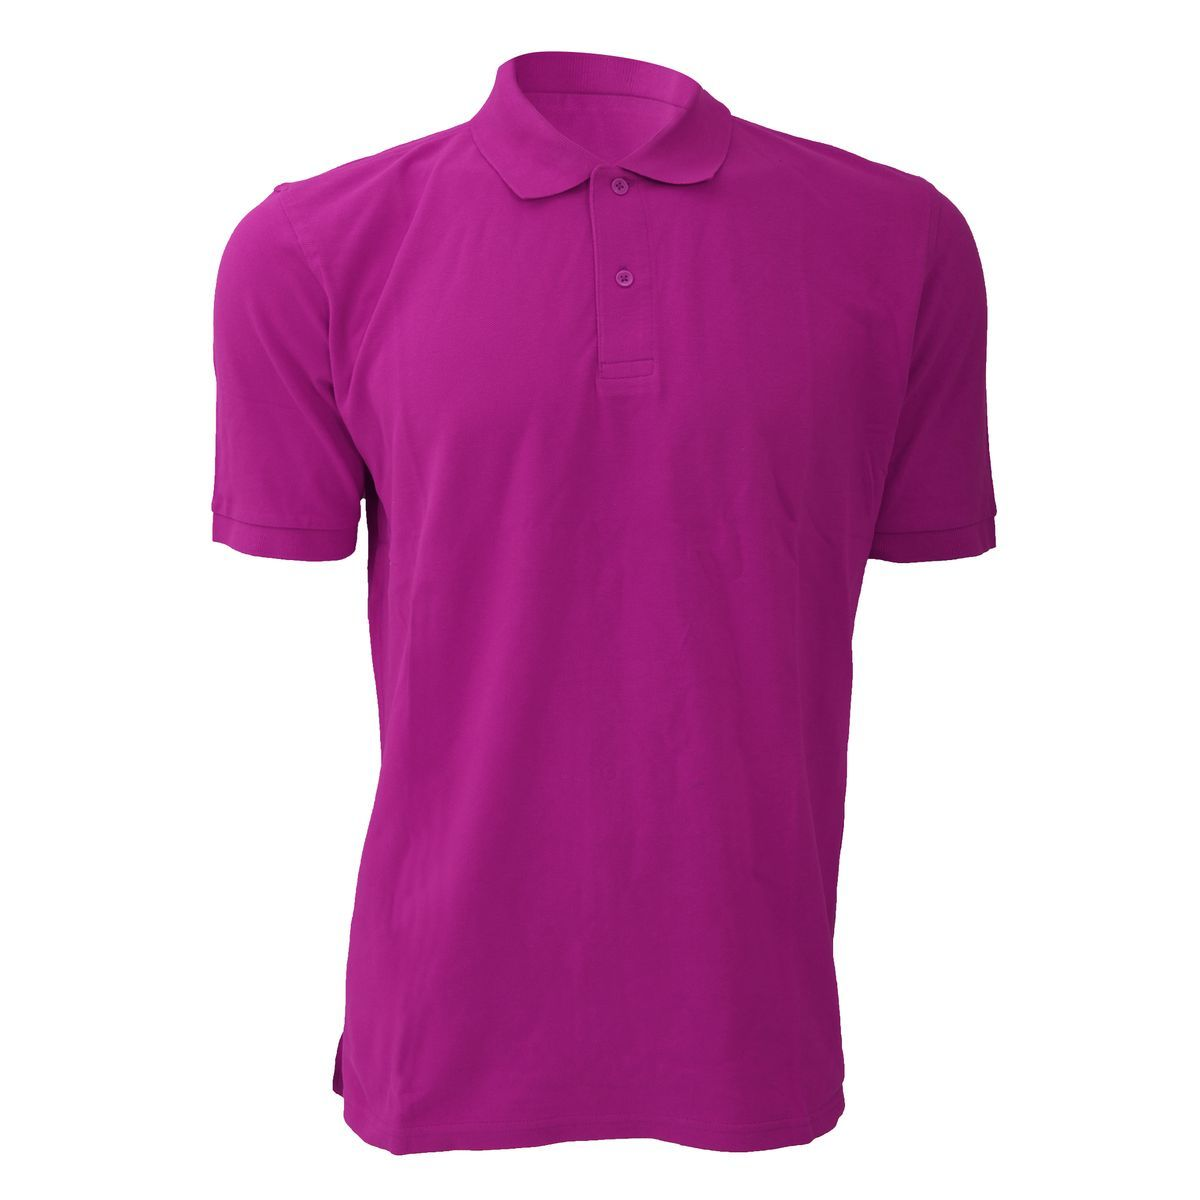 Médical événement Club S-7XL Premiers Secours Workwear Medic vert bouteille Polo Shirt